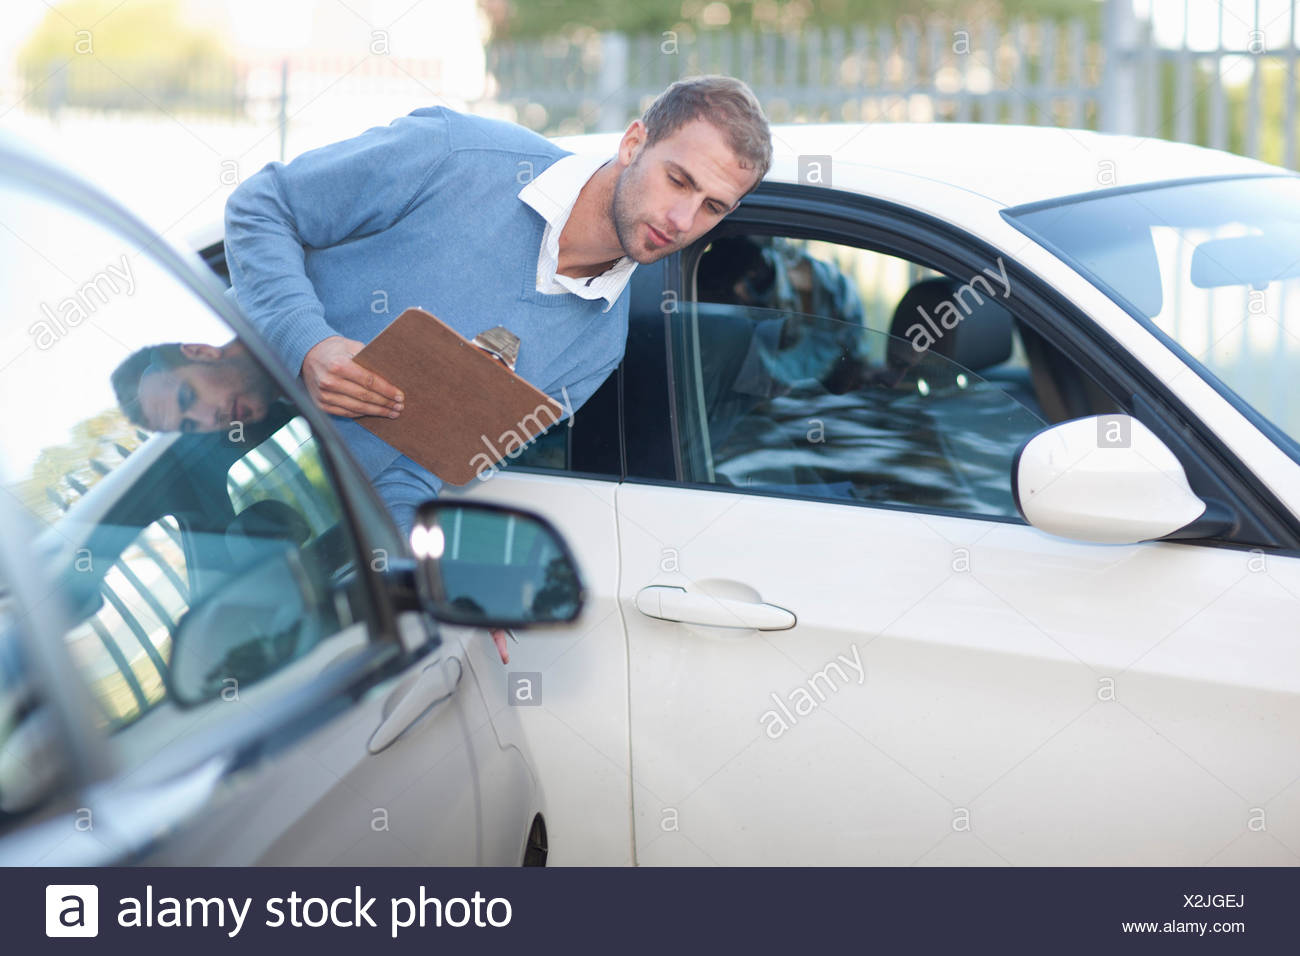 Mann, die Bewertung von Schäden am Auto nach Autounfall Stockbild